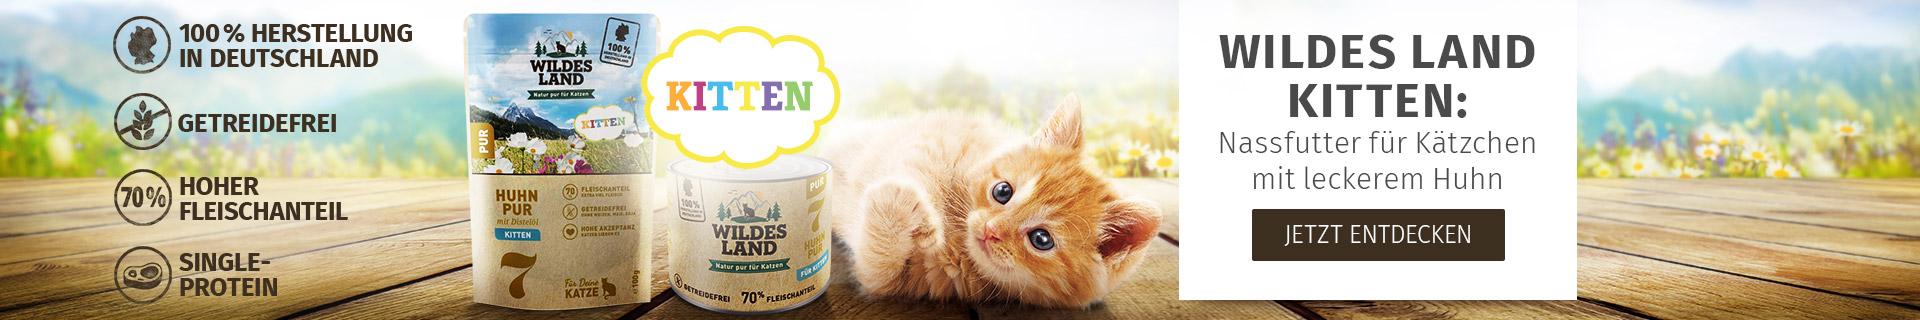 Wildes Land Katze - Nassfutter für Kitten